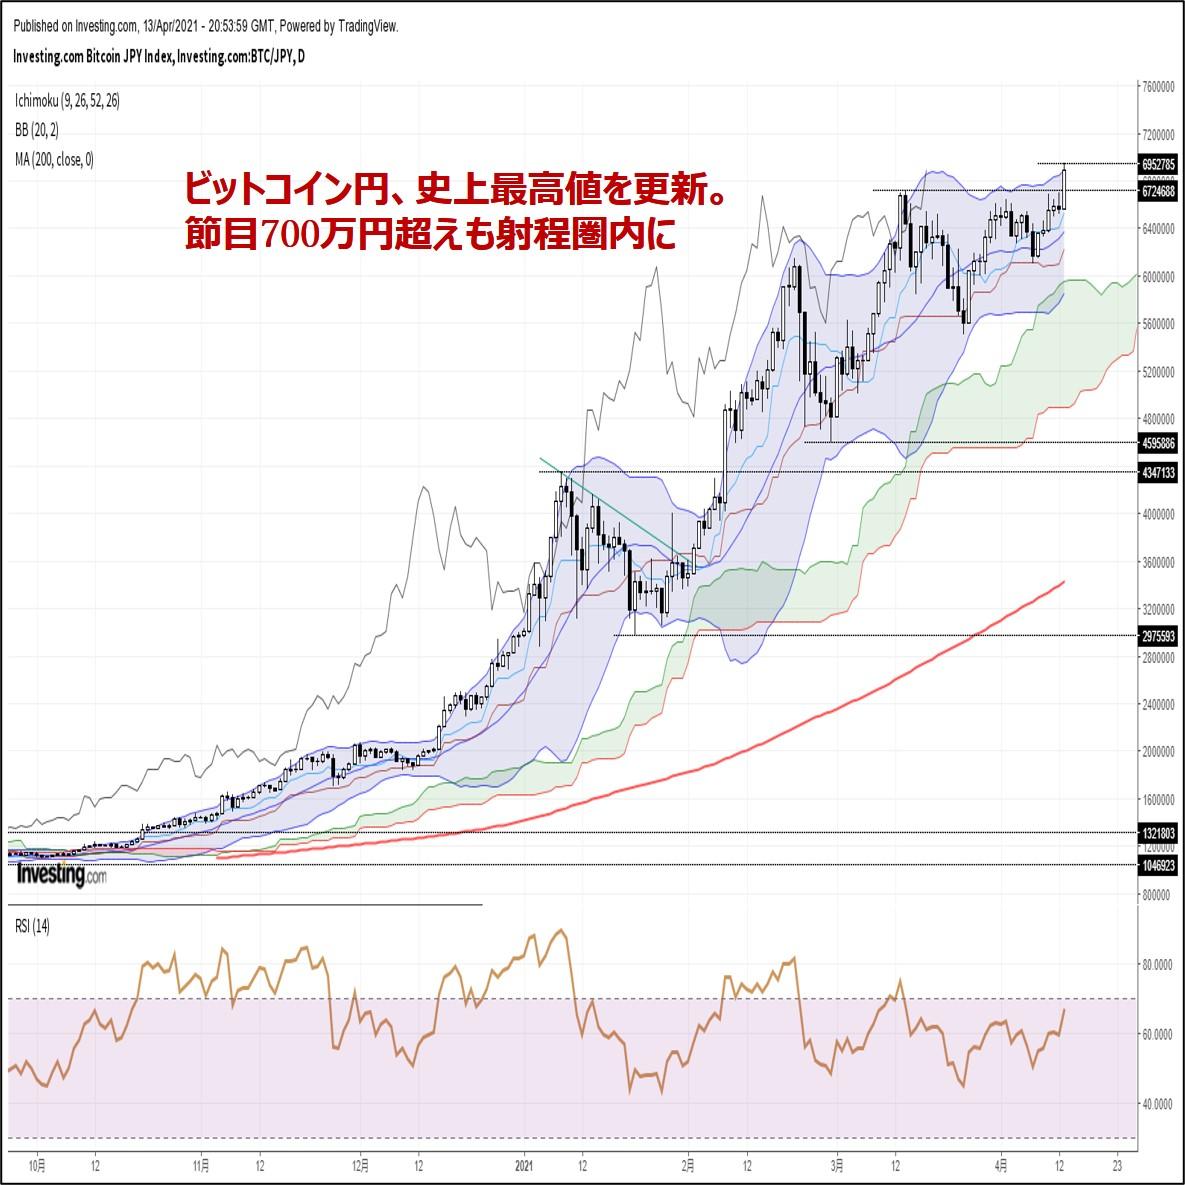 ビットコイン円、史上最高値を更新。節目700万円超えも射程圏内に(4/14朝)